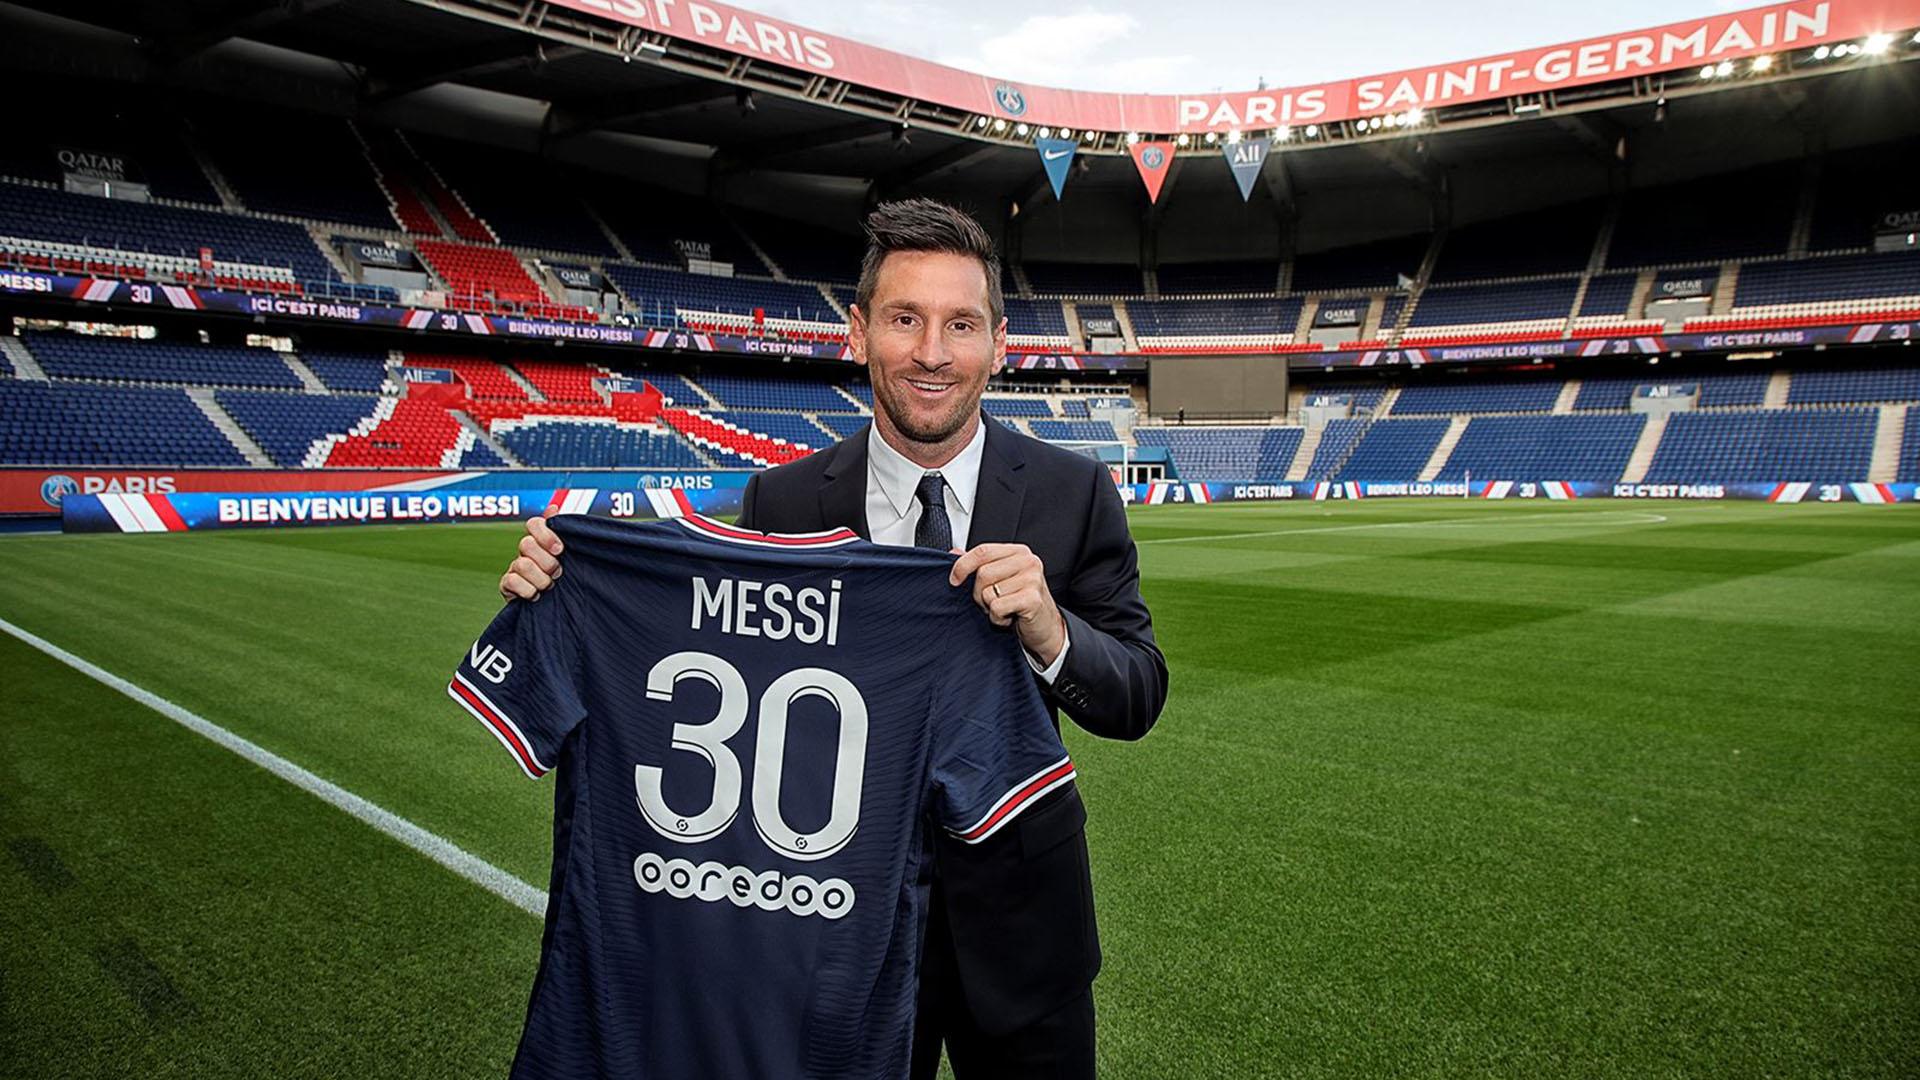 Por qué Messi usa la camiseta número 30 en el PSG